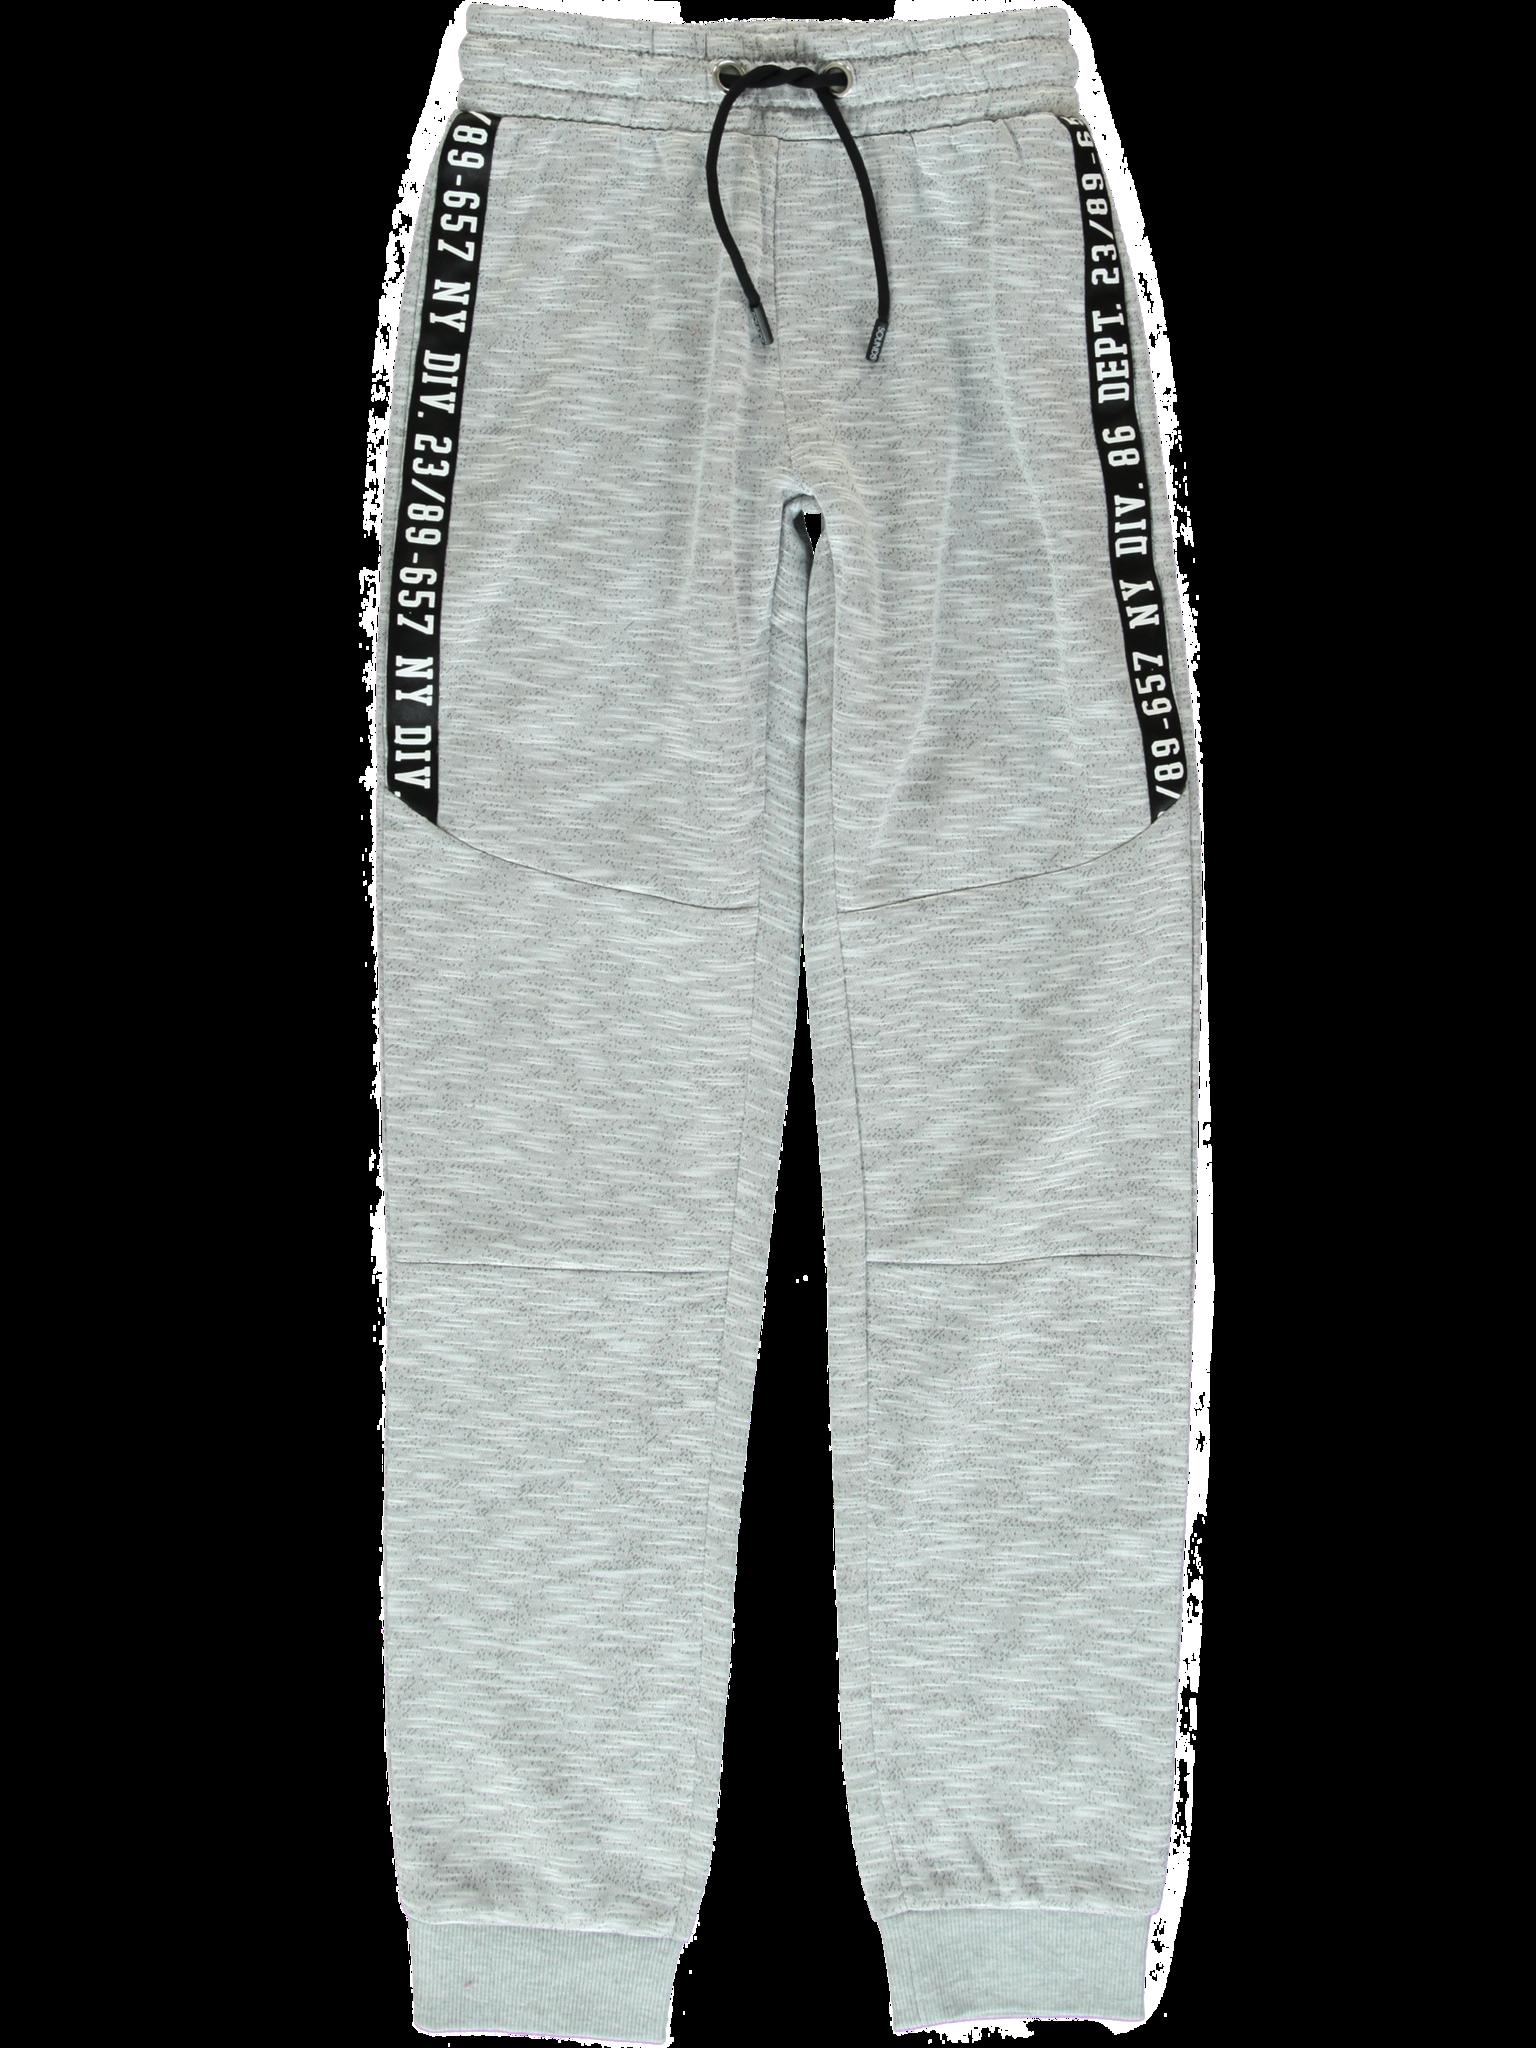 REGEN | Winter 2019 Teen Boys | Jogging Pant | 20 pcs/box